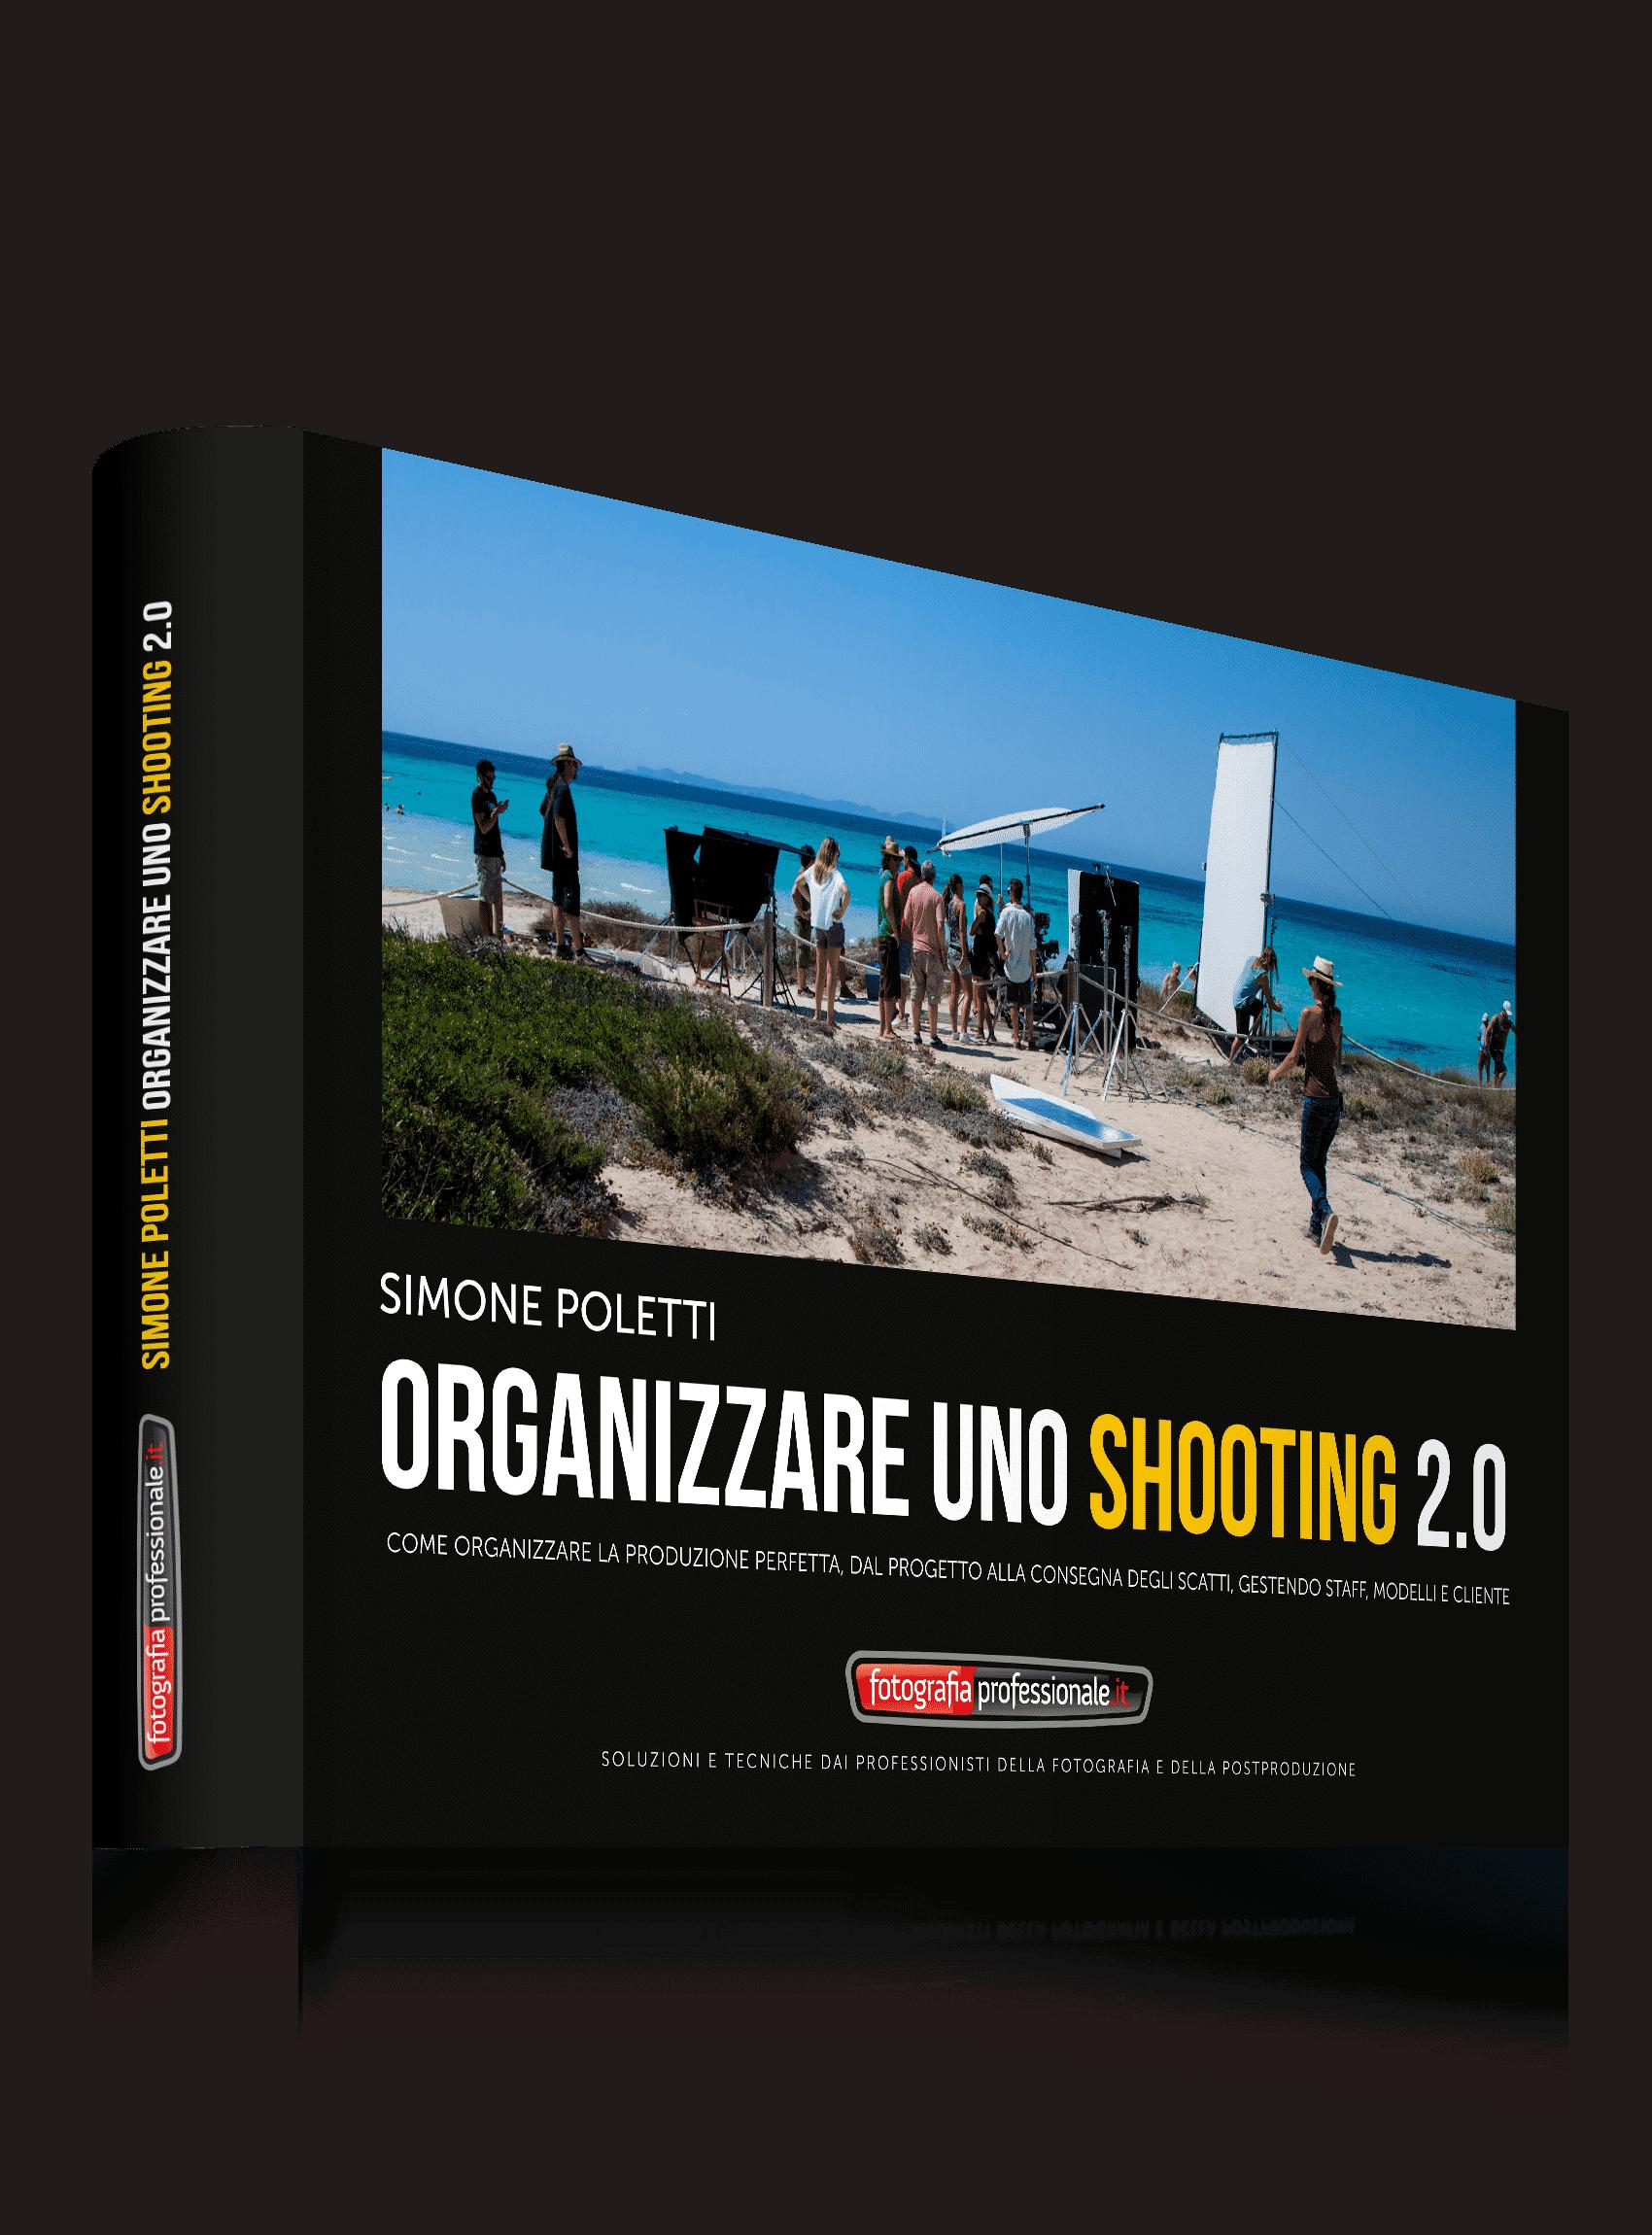 Organizzare uno Shooting 2.0